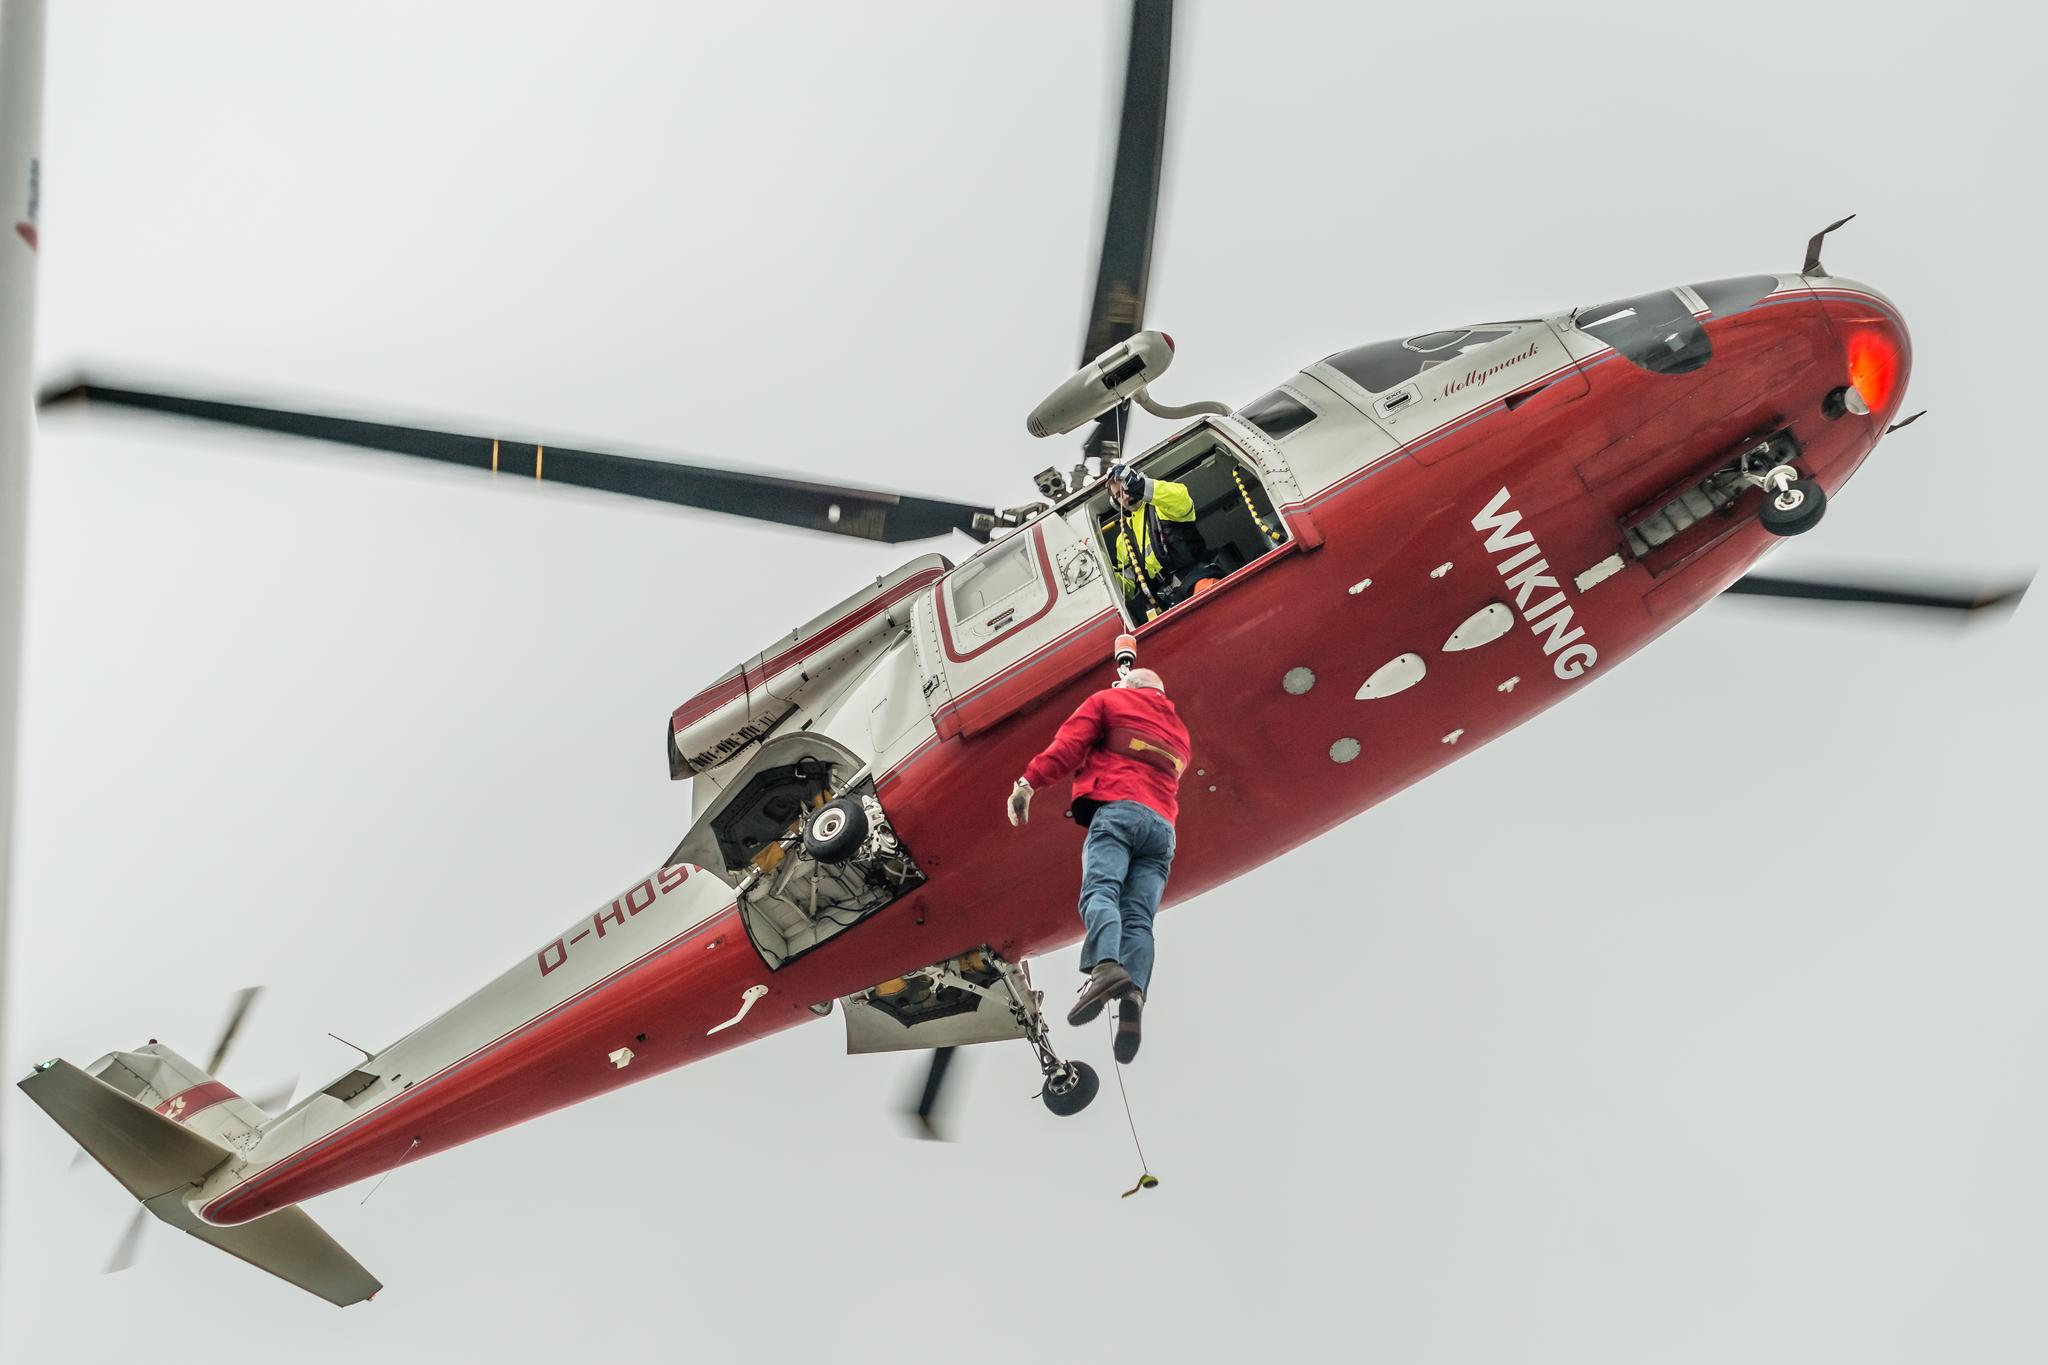 Śmigłowiec nadlatuje od strony rufy statku (fot. Robert Urbaniak)